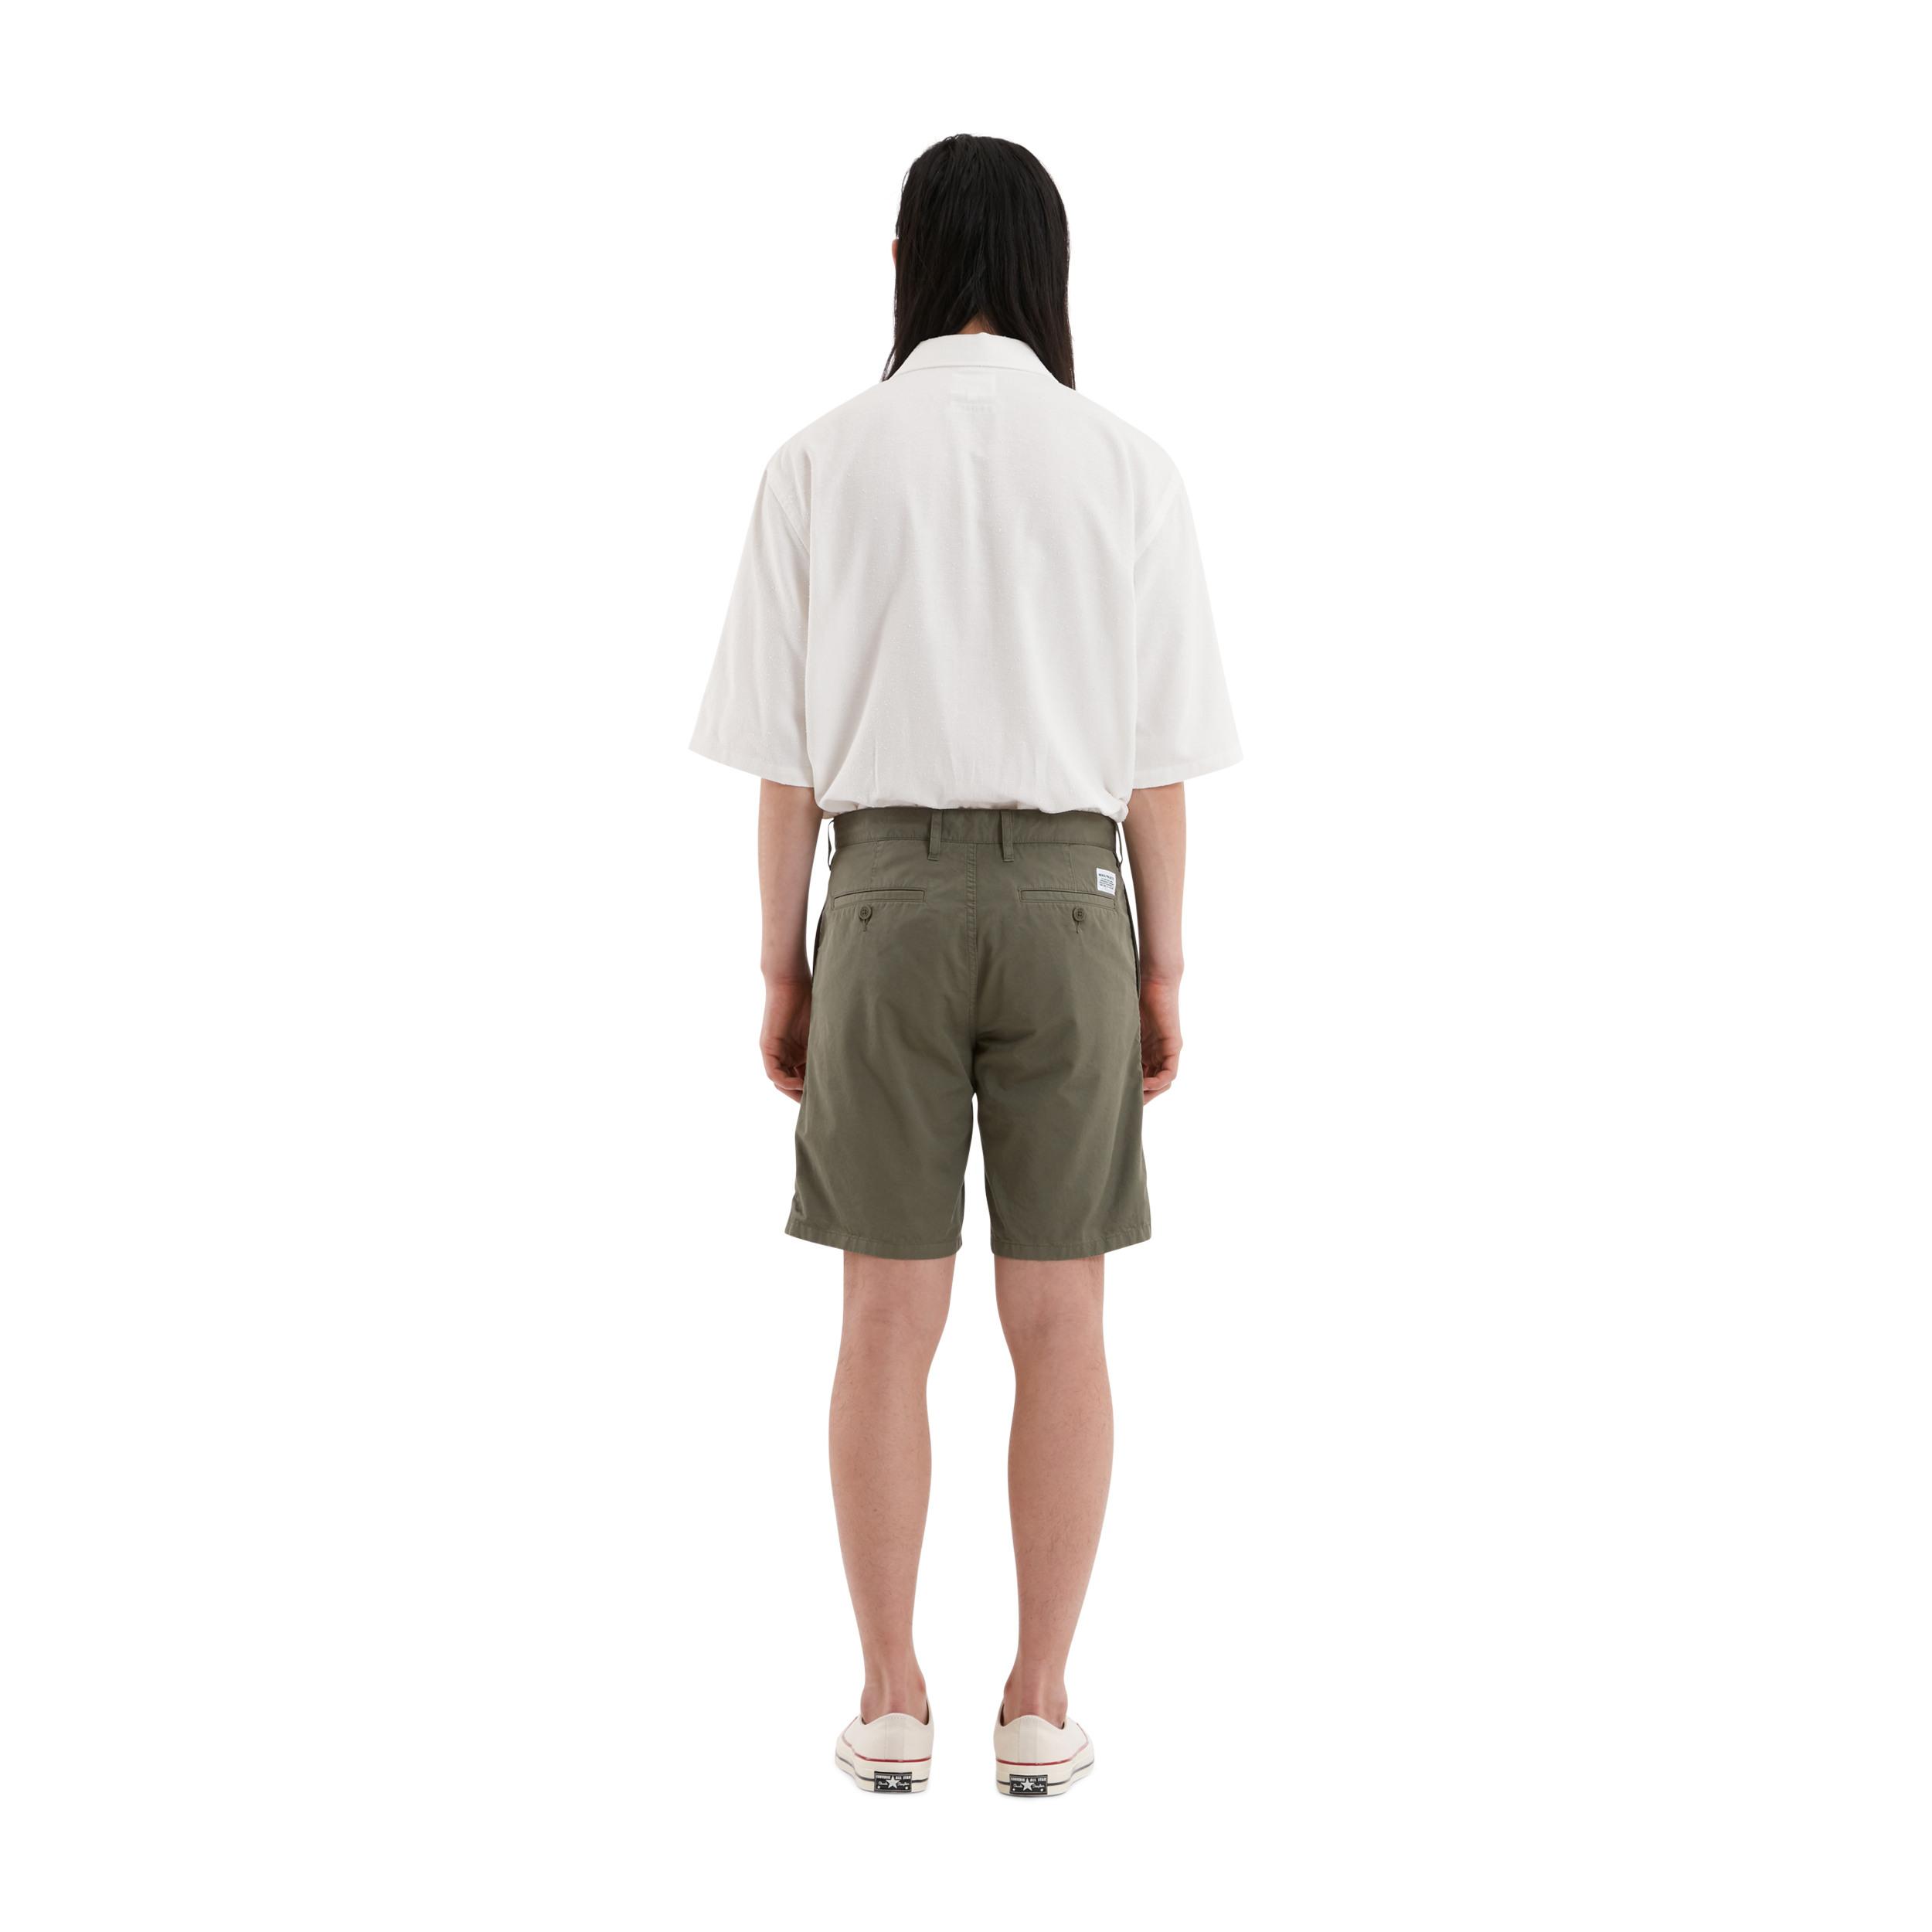 4c25d389d2a Aros Light Twill Shorts